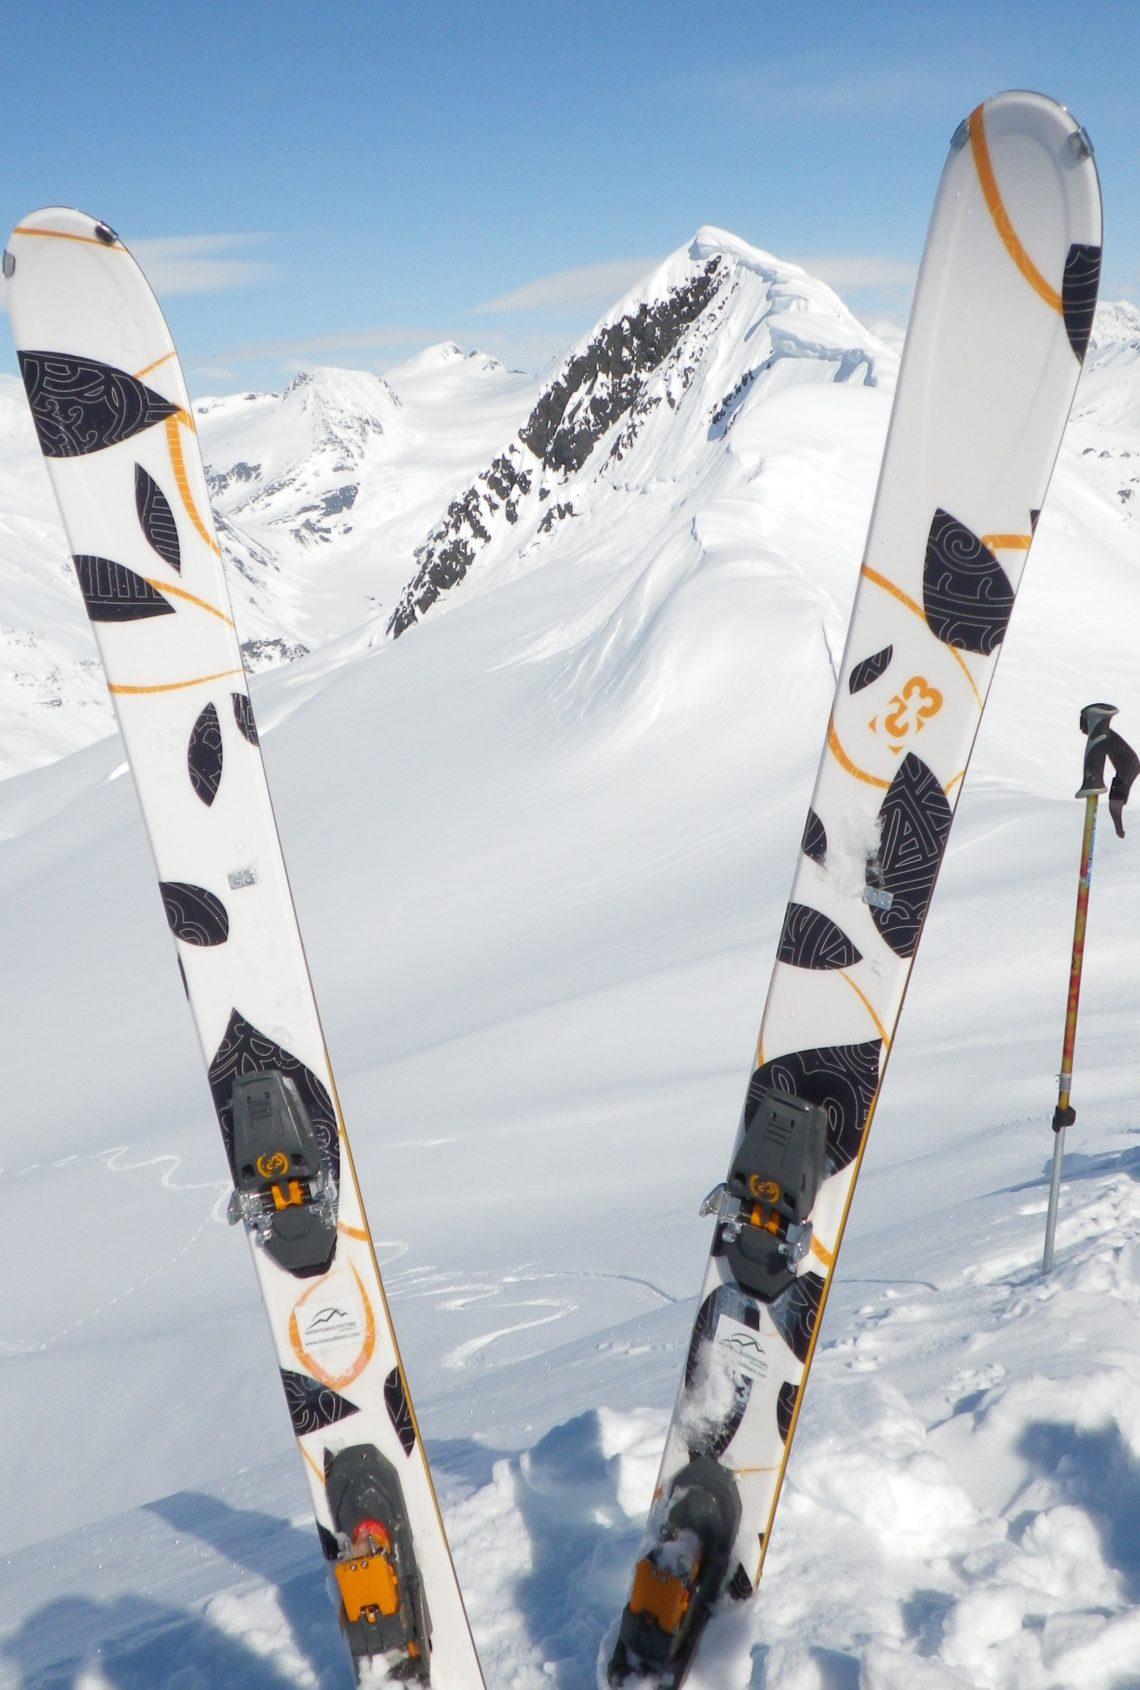 G3 skis in Alaska backcountry